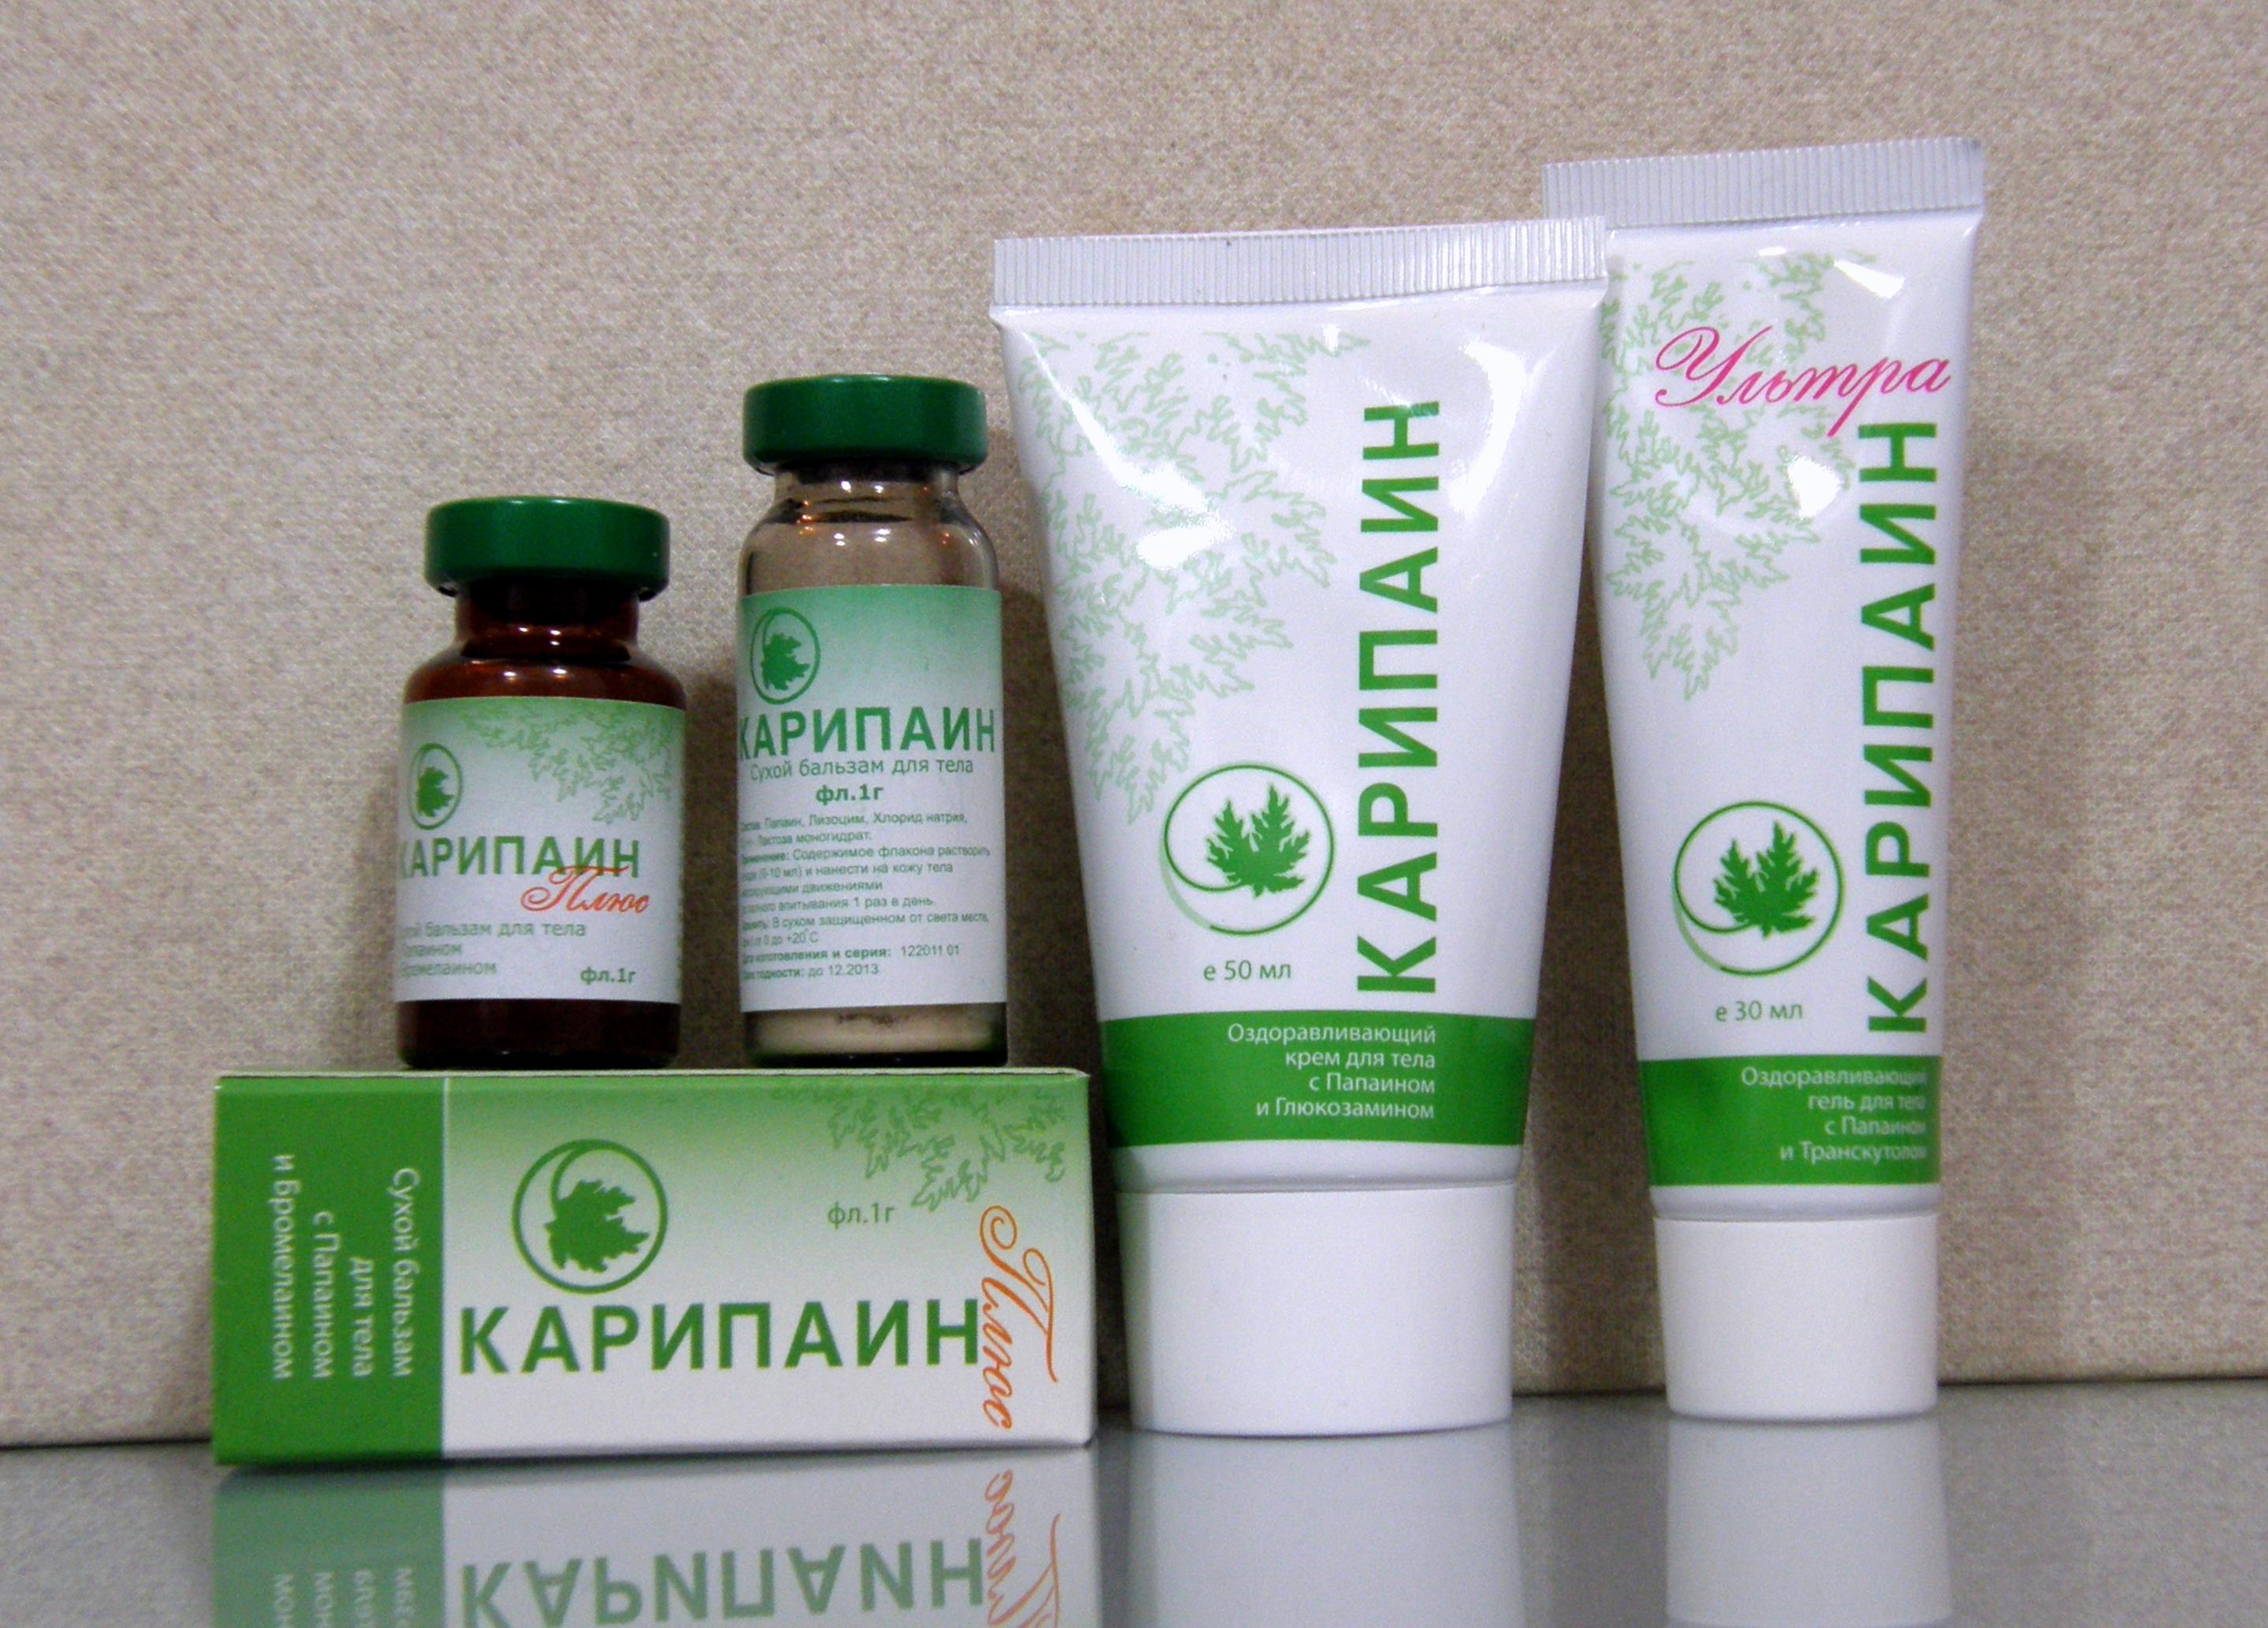 Карипаин — состав и формы выпуска препарата, инструкция по применению